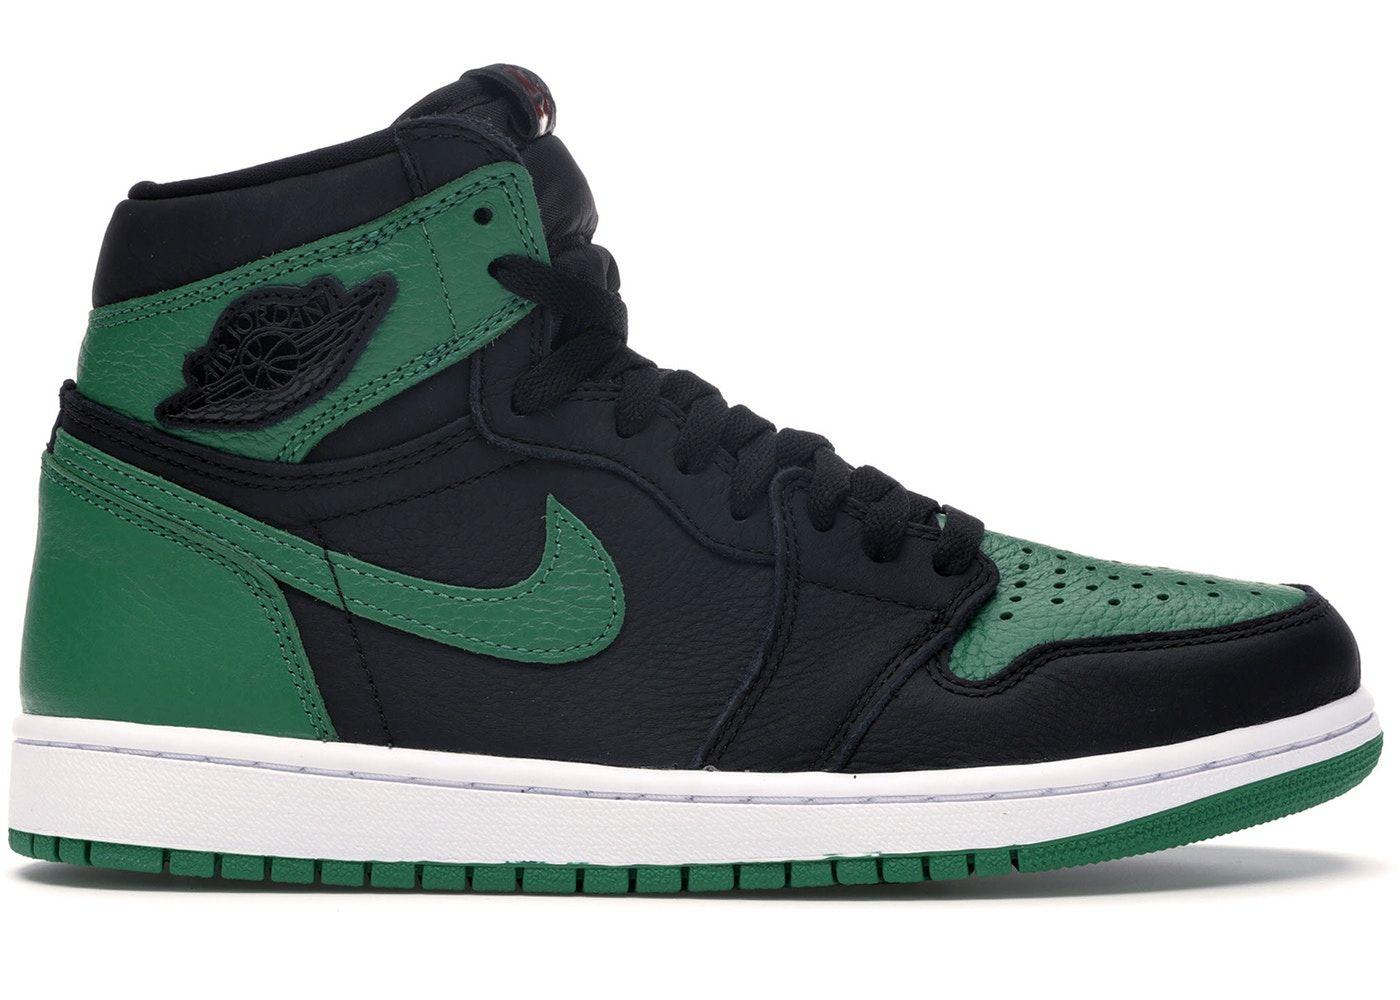 Jordan 1 Retro High Pine Green Black In 2020 Air Jordans Jordan